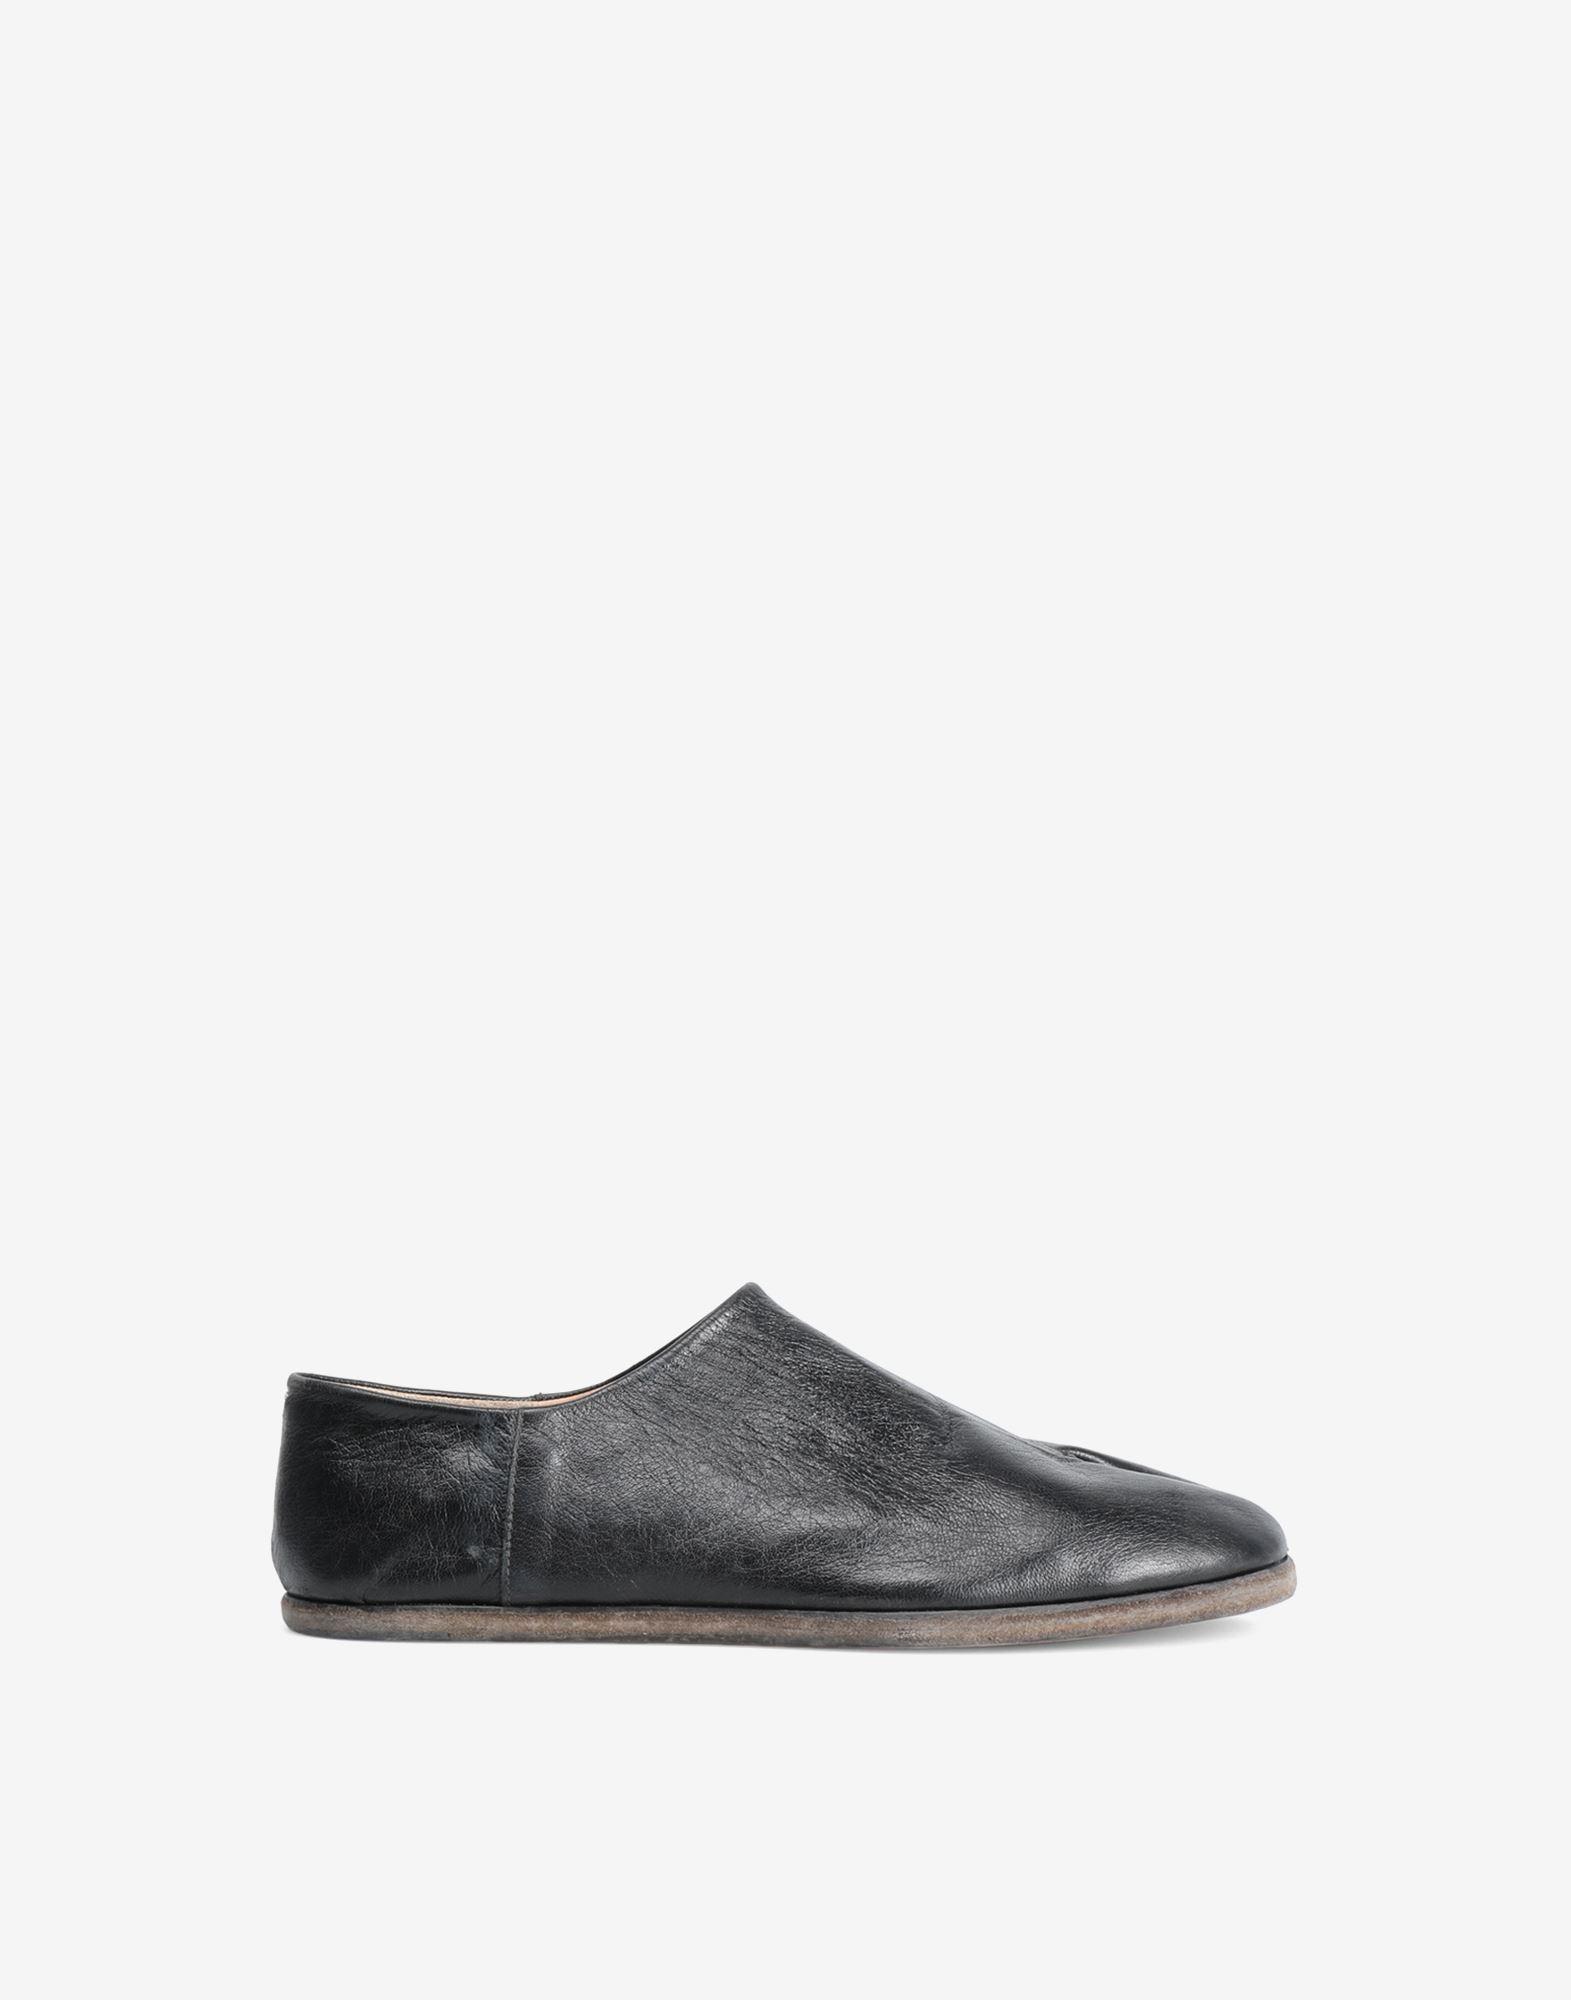 acheter en ligne 47be8 59895 Chaussures Tabi à Enfiler Homme Maison Margiela | Boutique ...